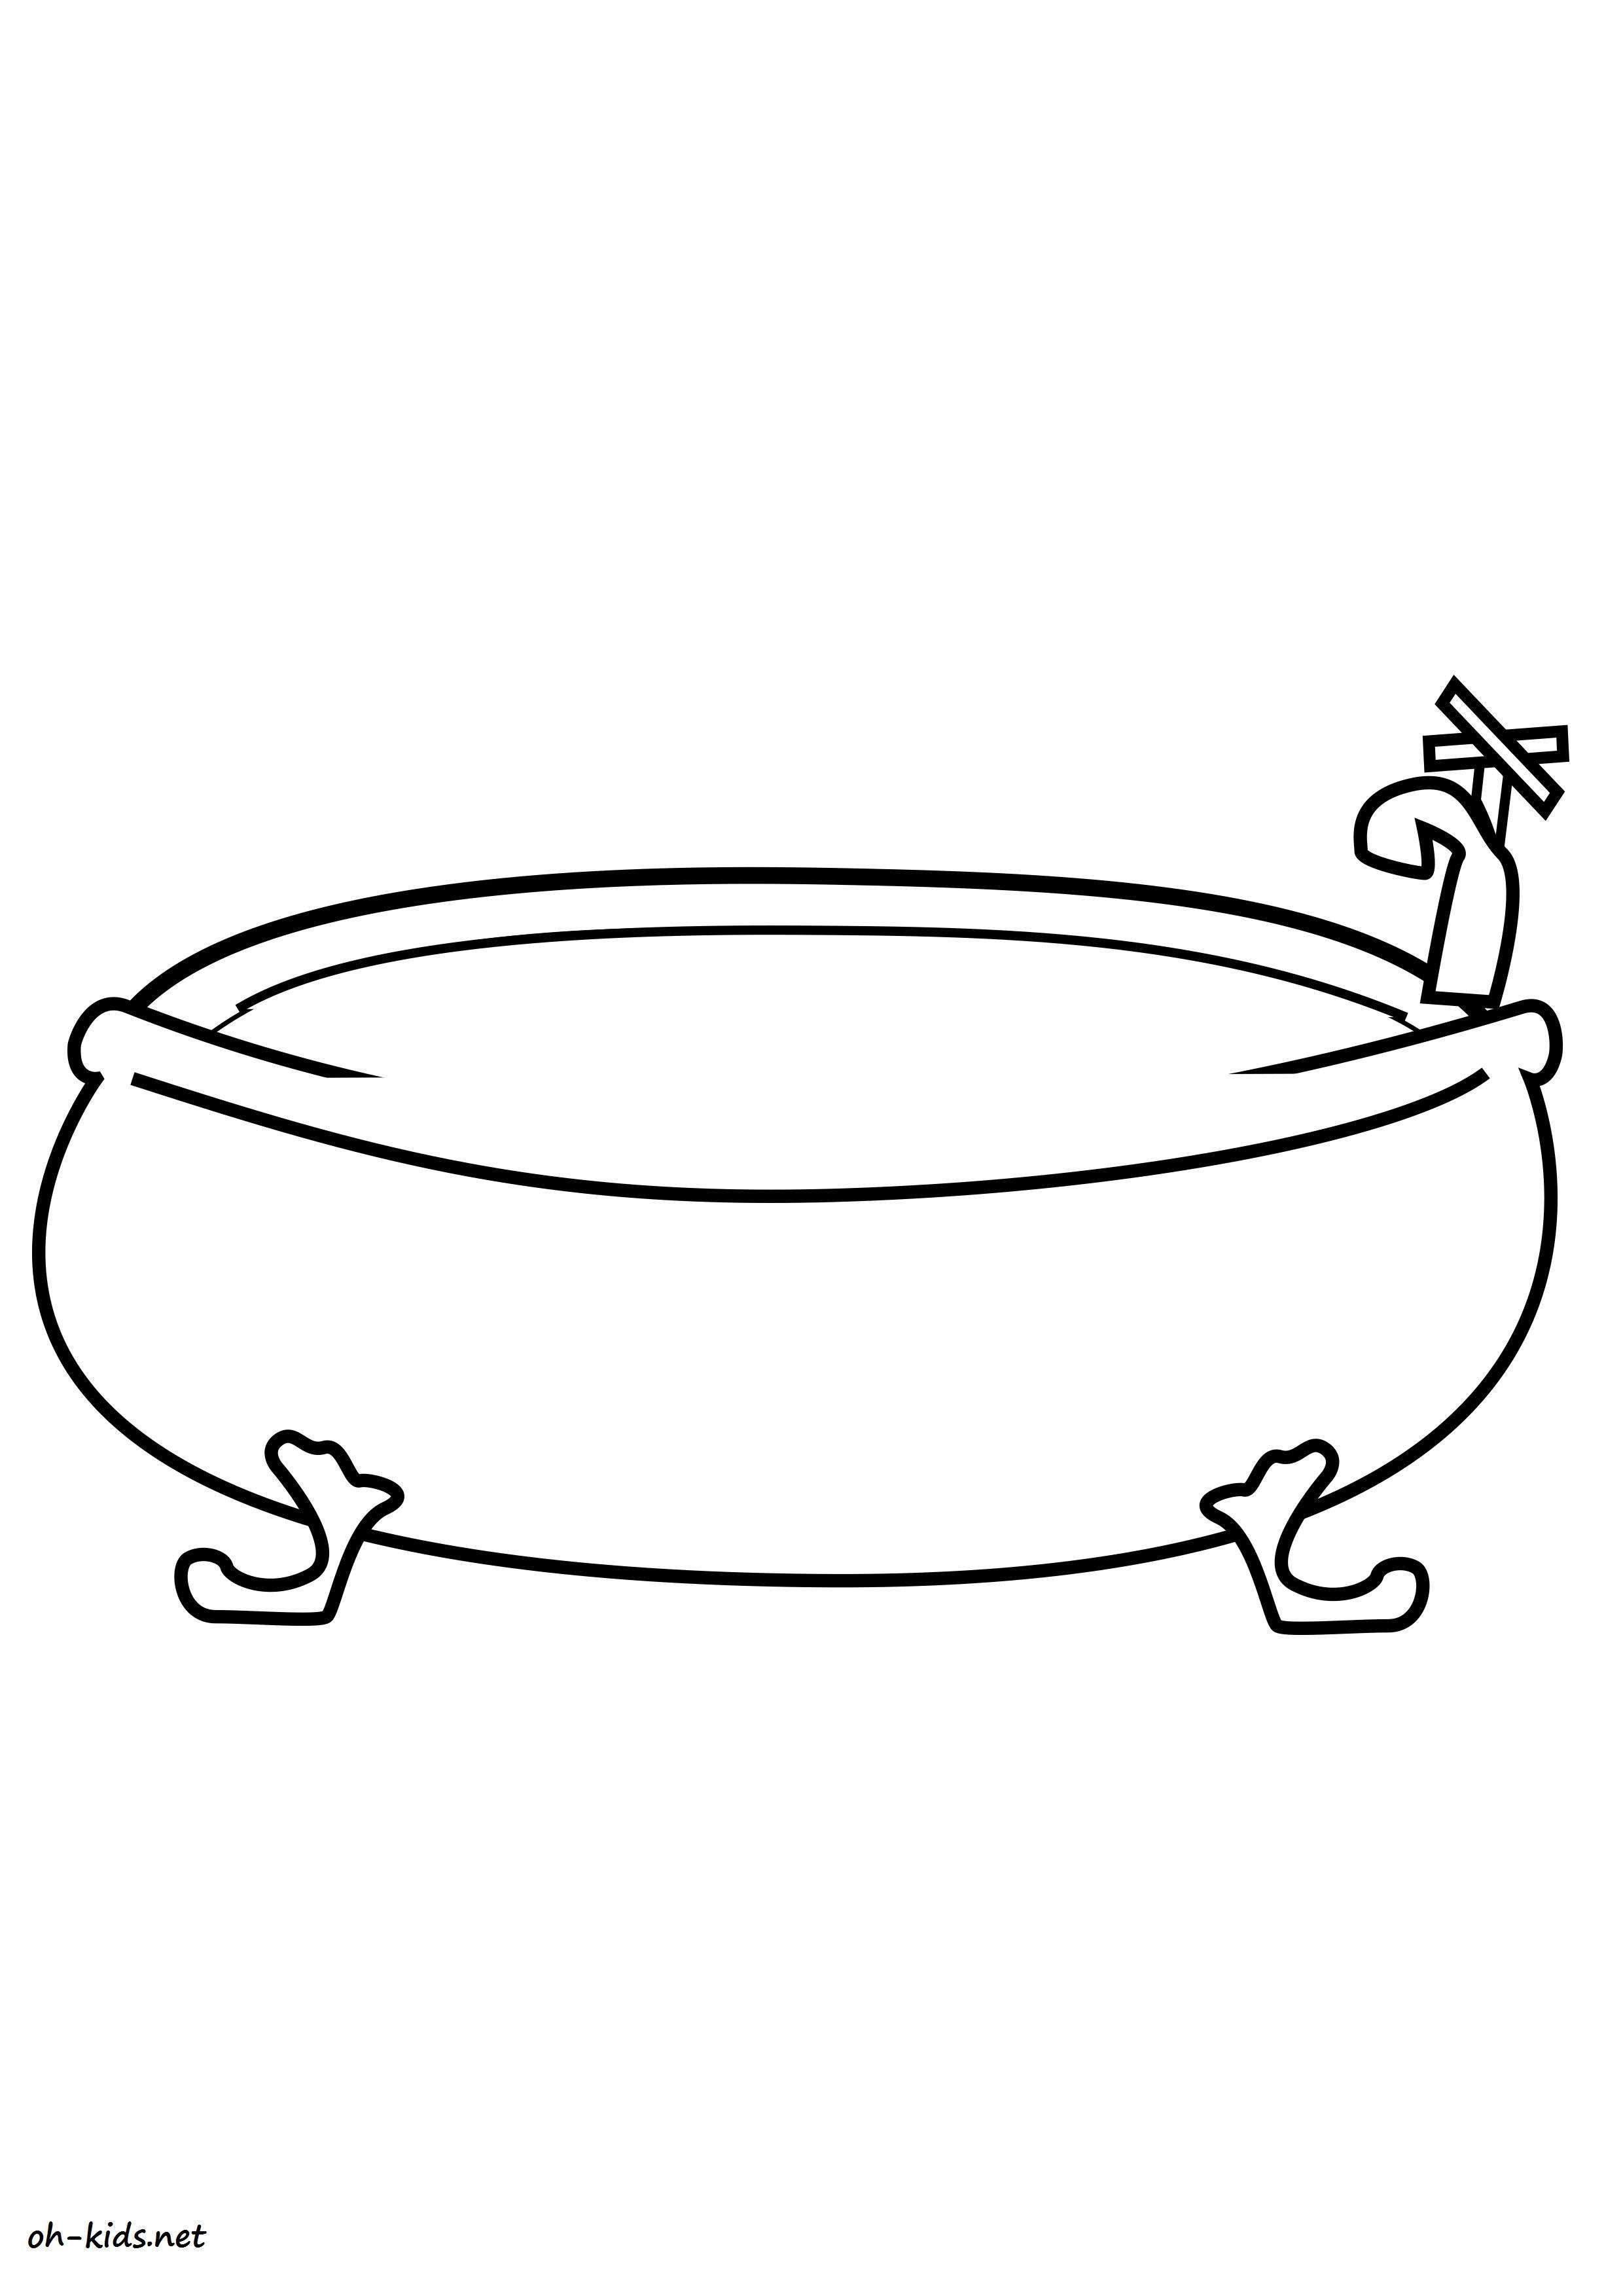 Coloriage salle de bain oh kids fr for Dessin salle de bain 3d gratuit